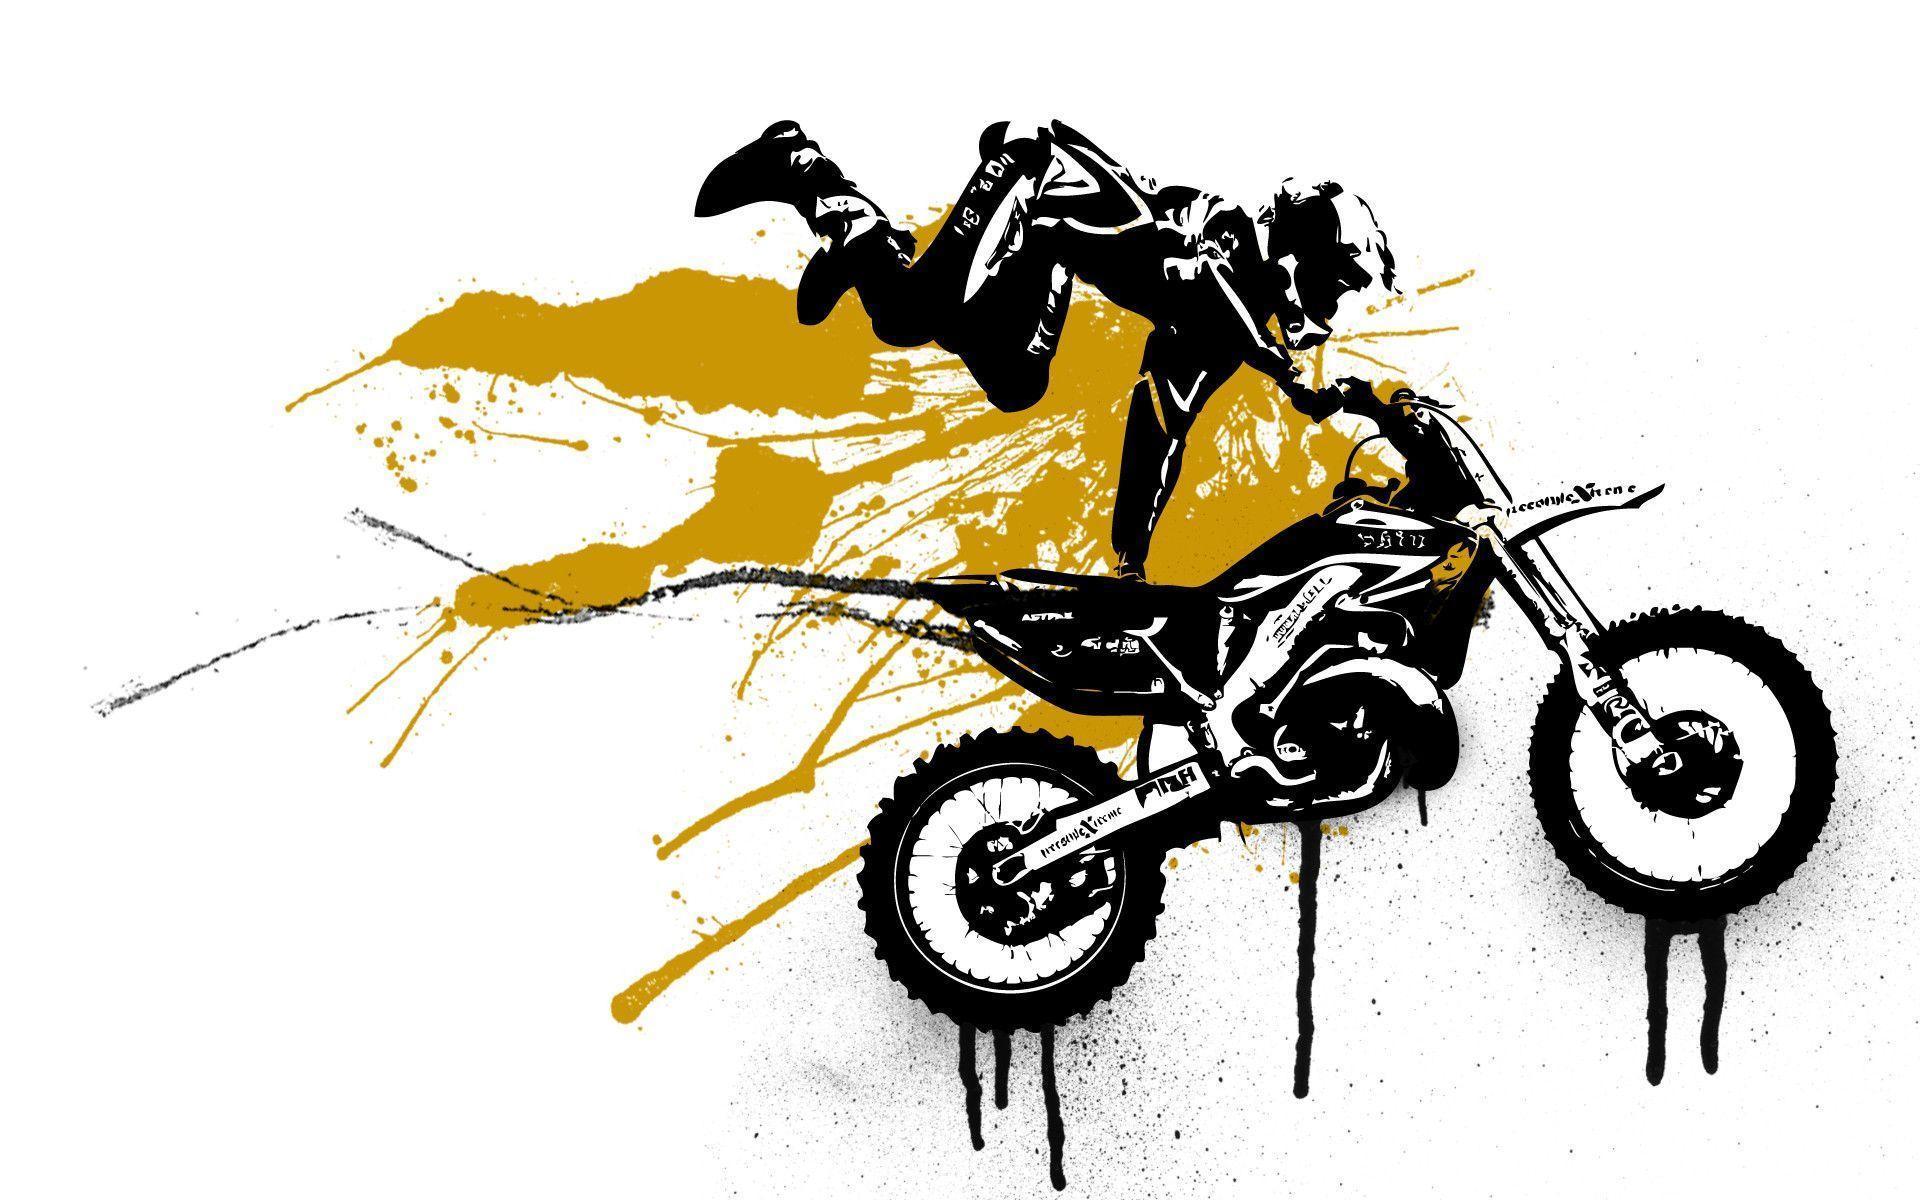 Dirtbike Wallpapers - Wallpaper Cave